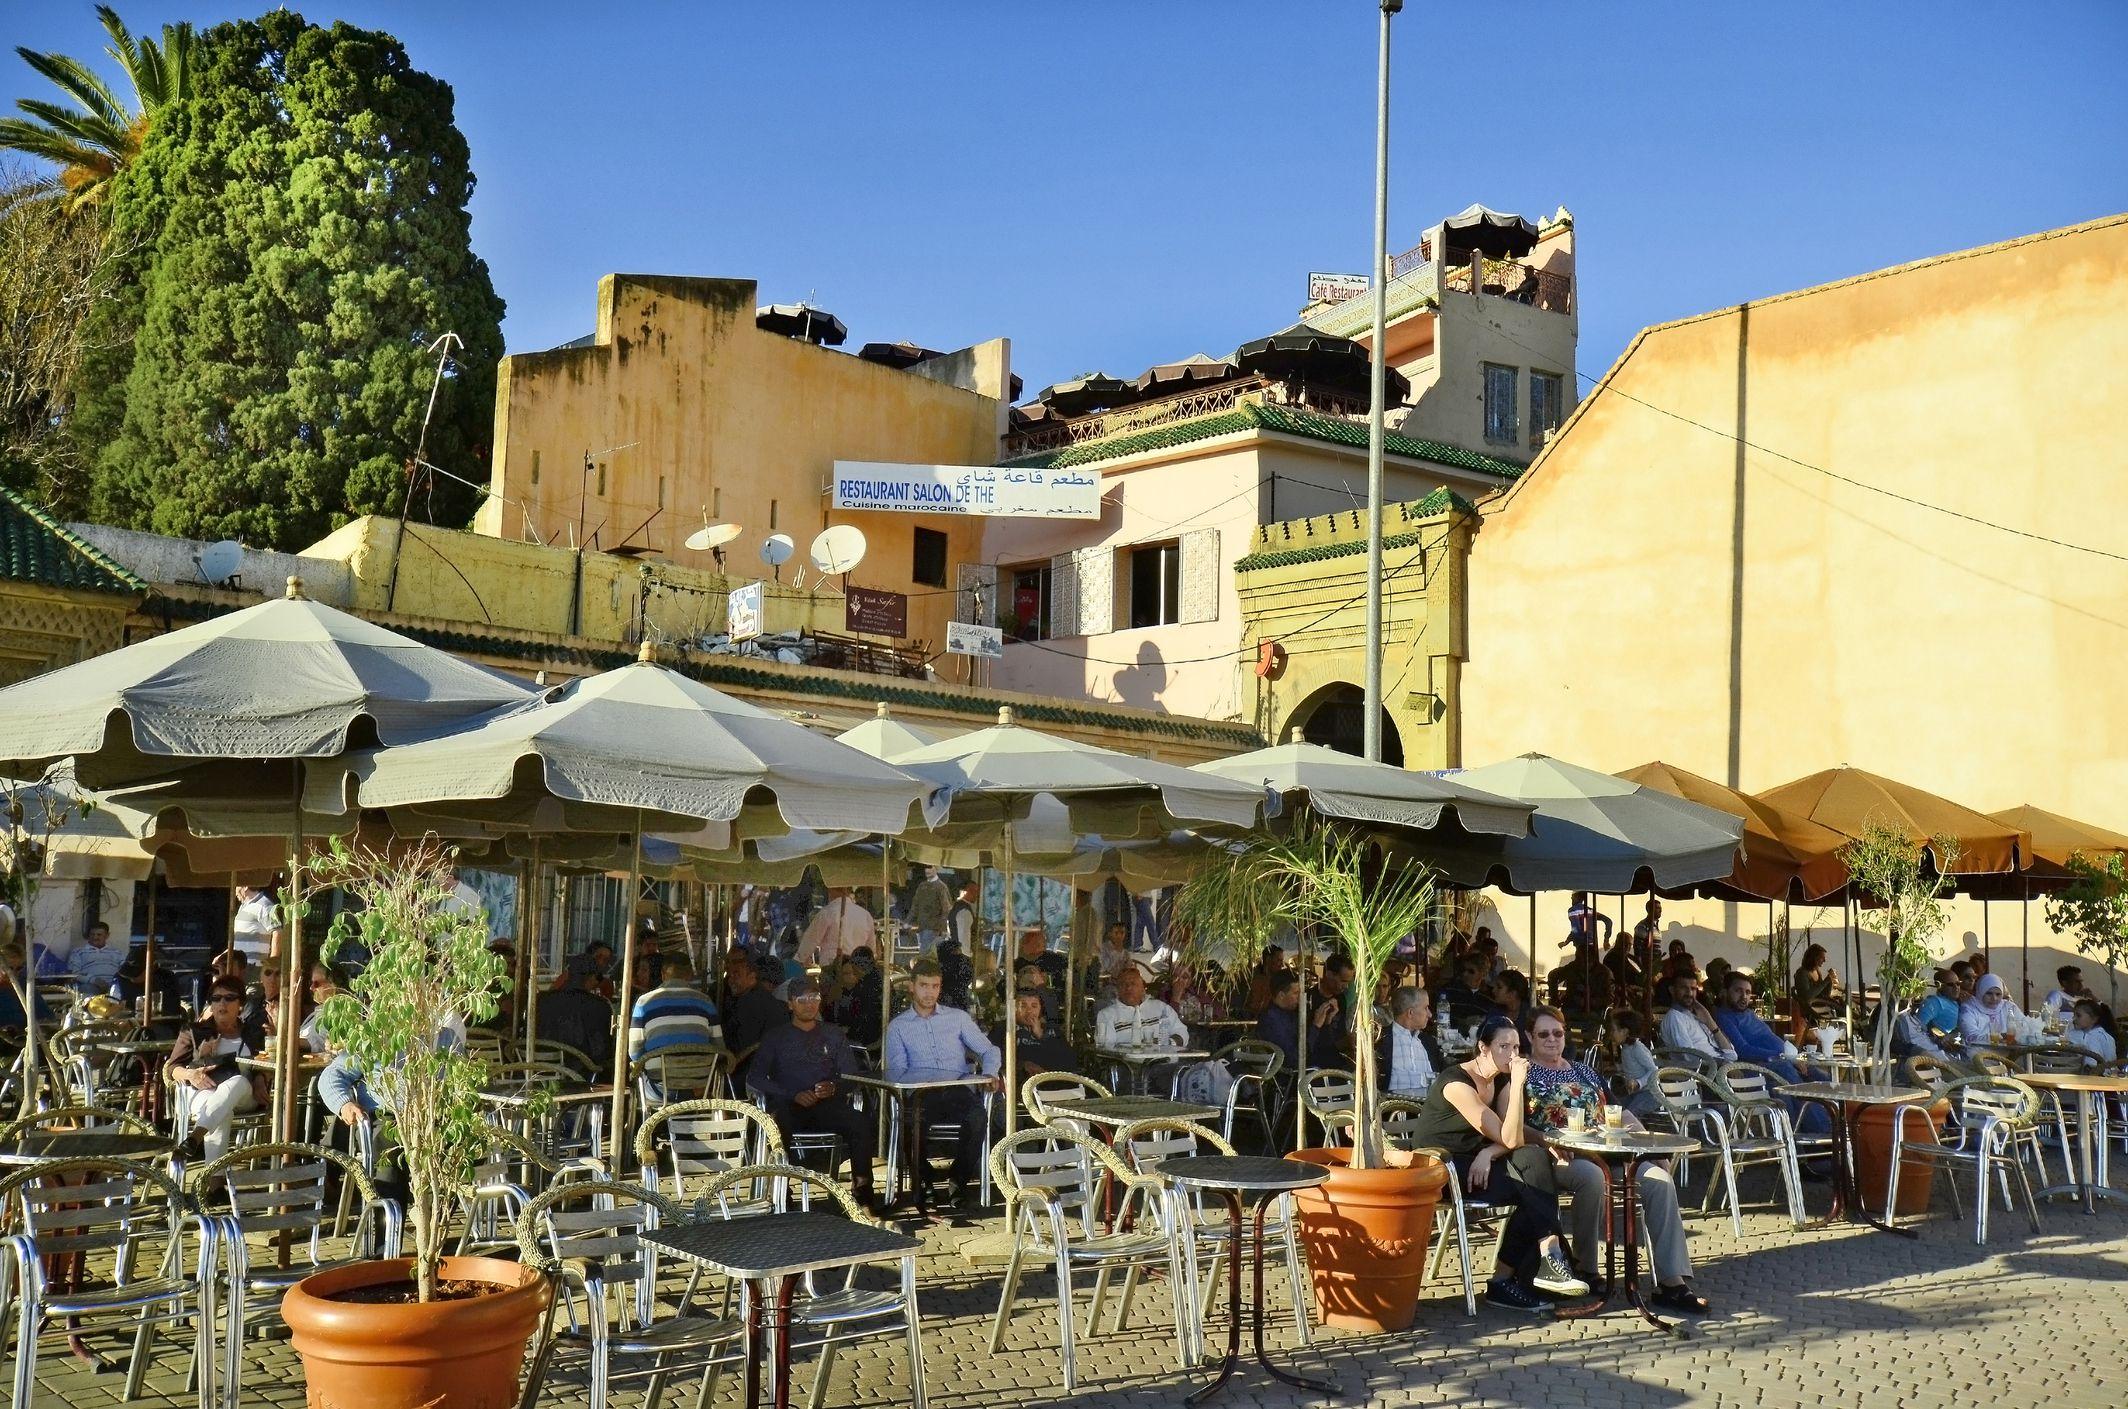 Outdoor restaurants in Meknes, Morocco